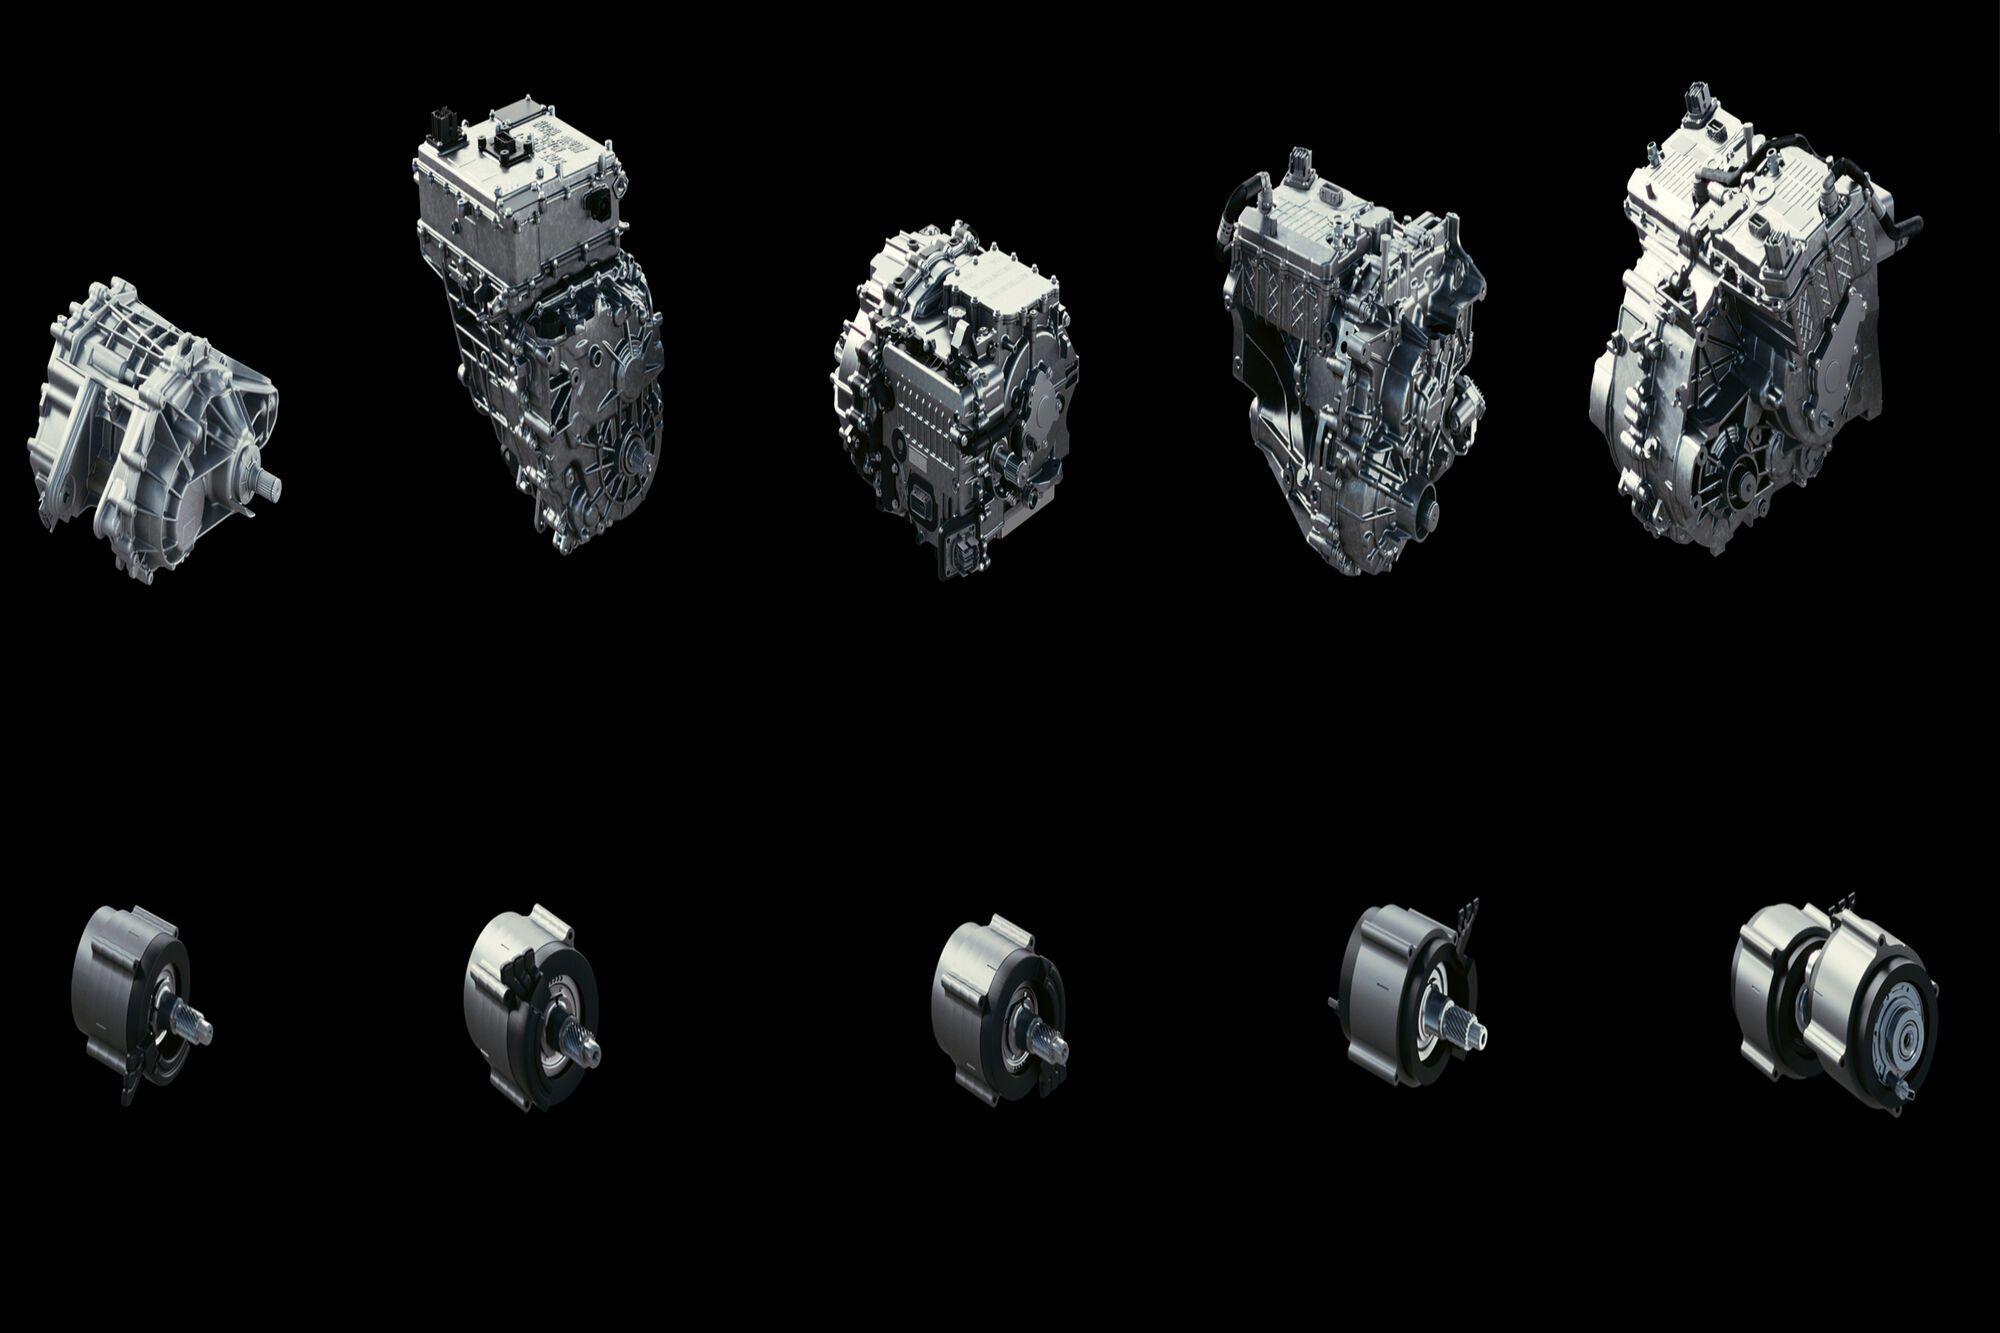 Семейство Ultium Drive представляет собой пять взаимозаменяемых модулей и три электромотора. Фото: